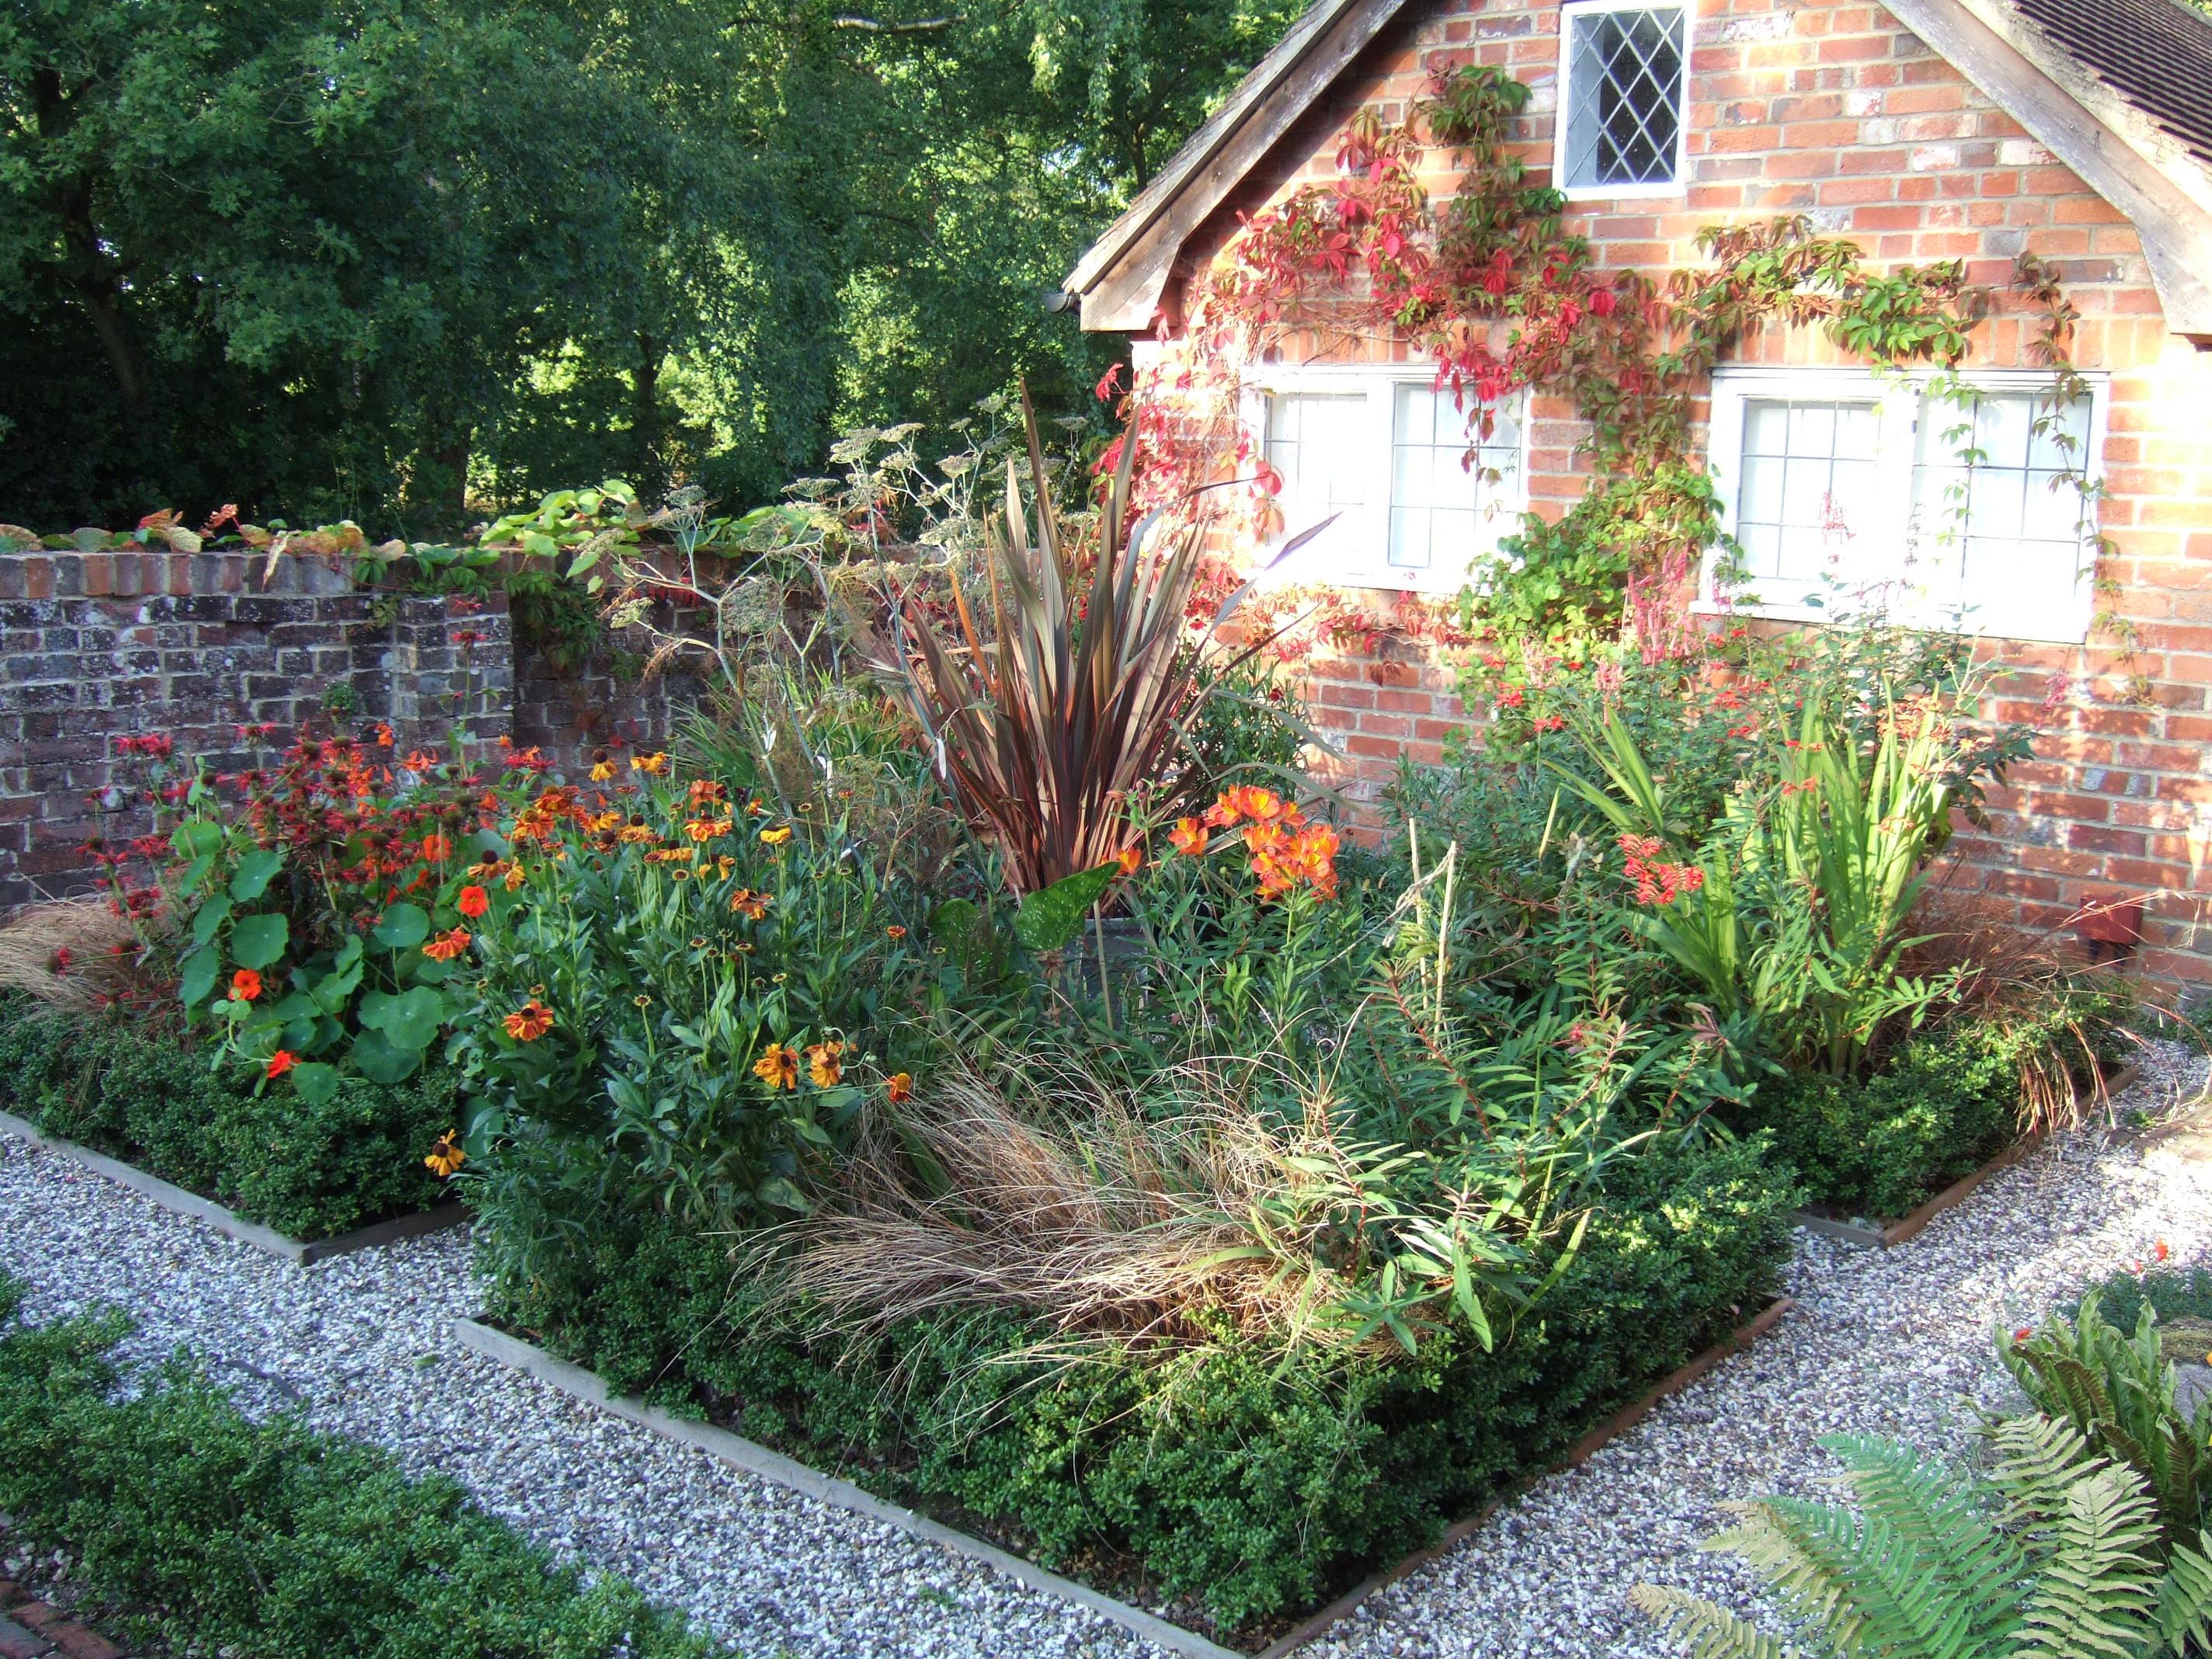 Koristite sodu bikarbonu za ljepše biljke u vašem vrtu